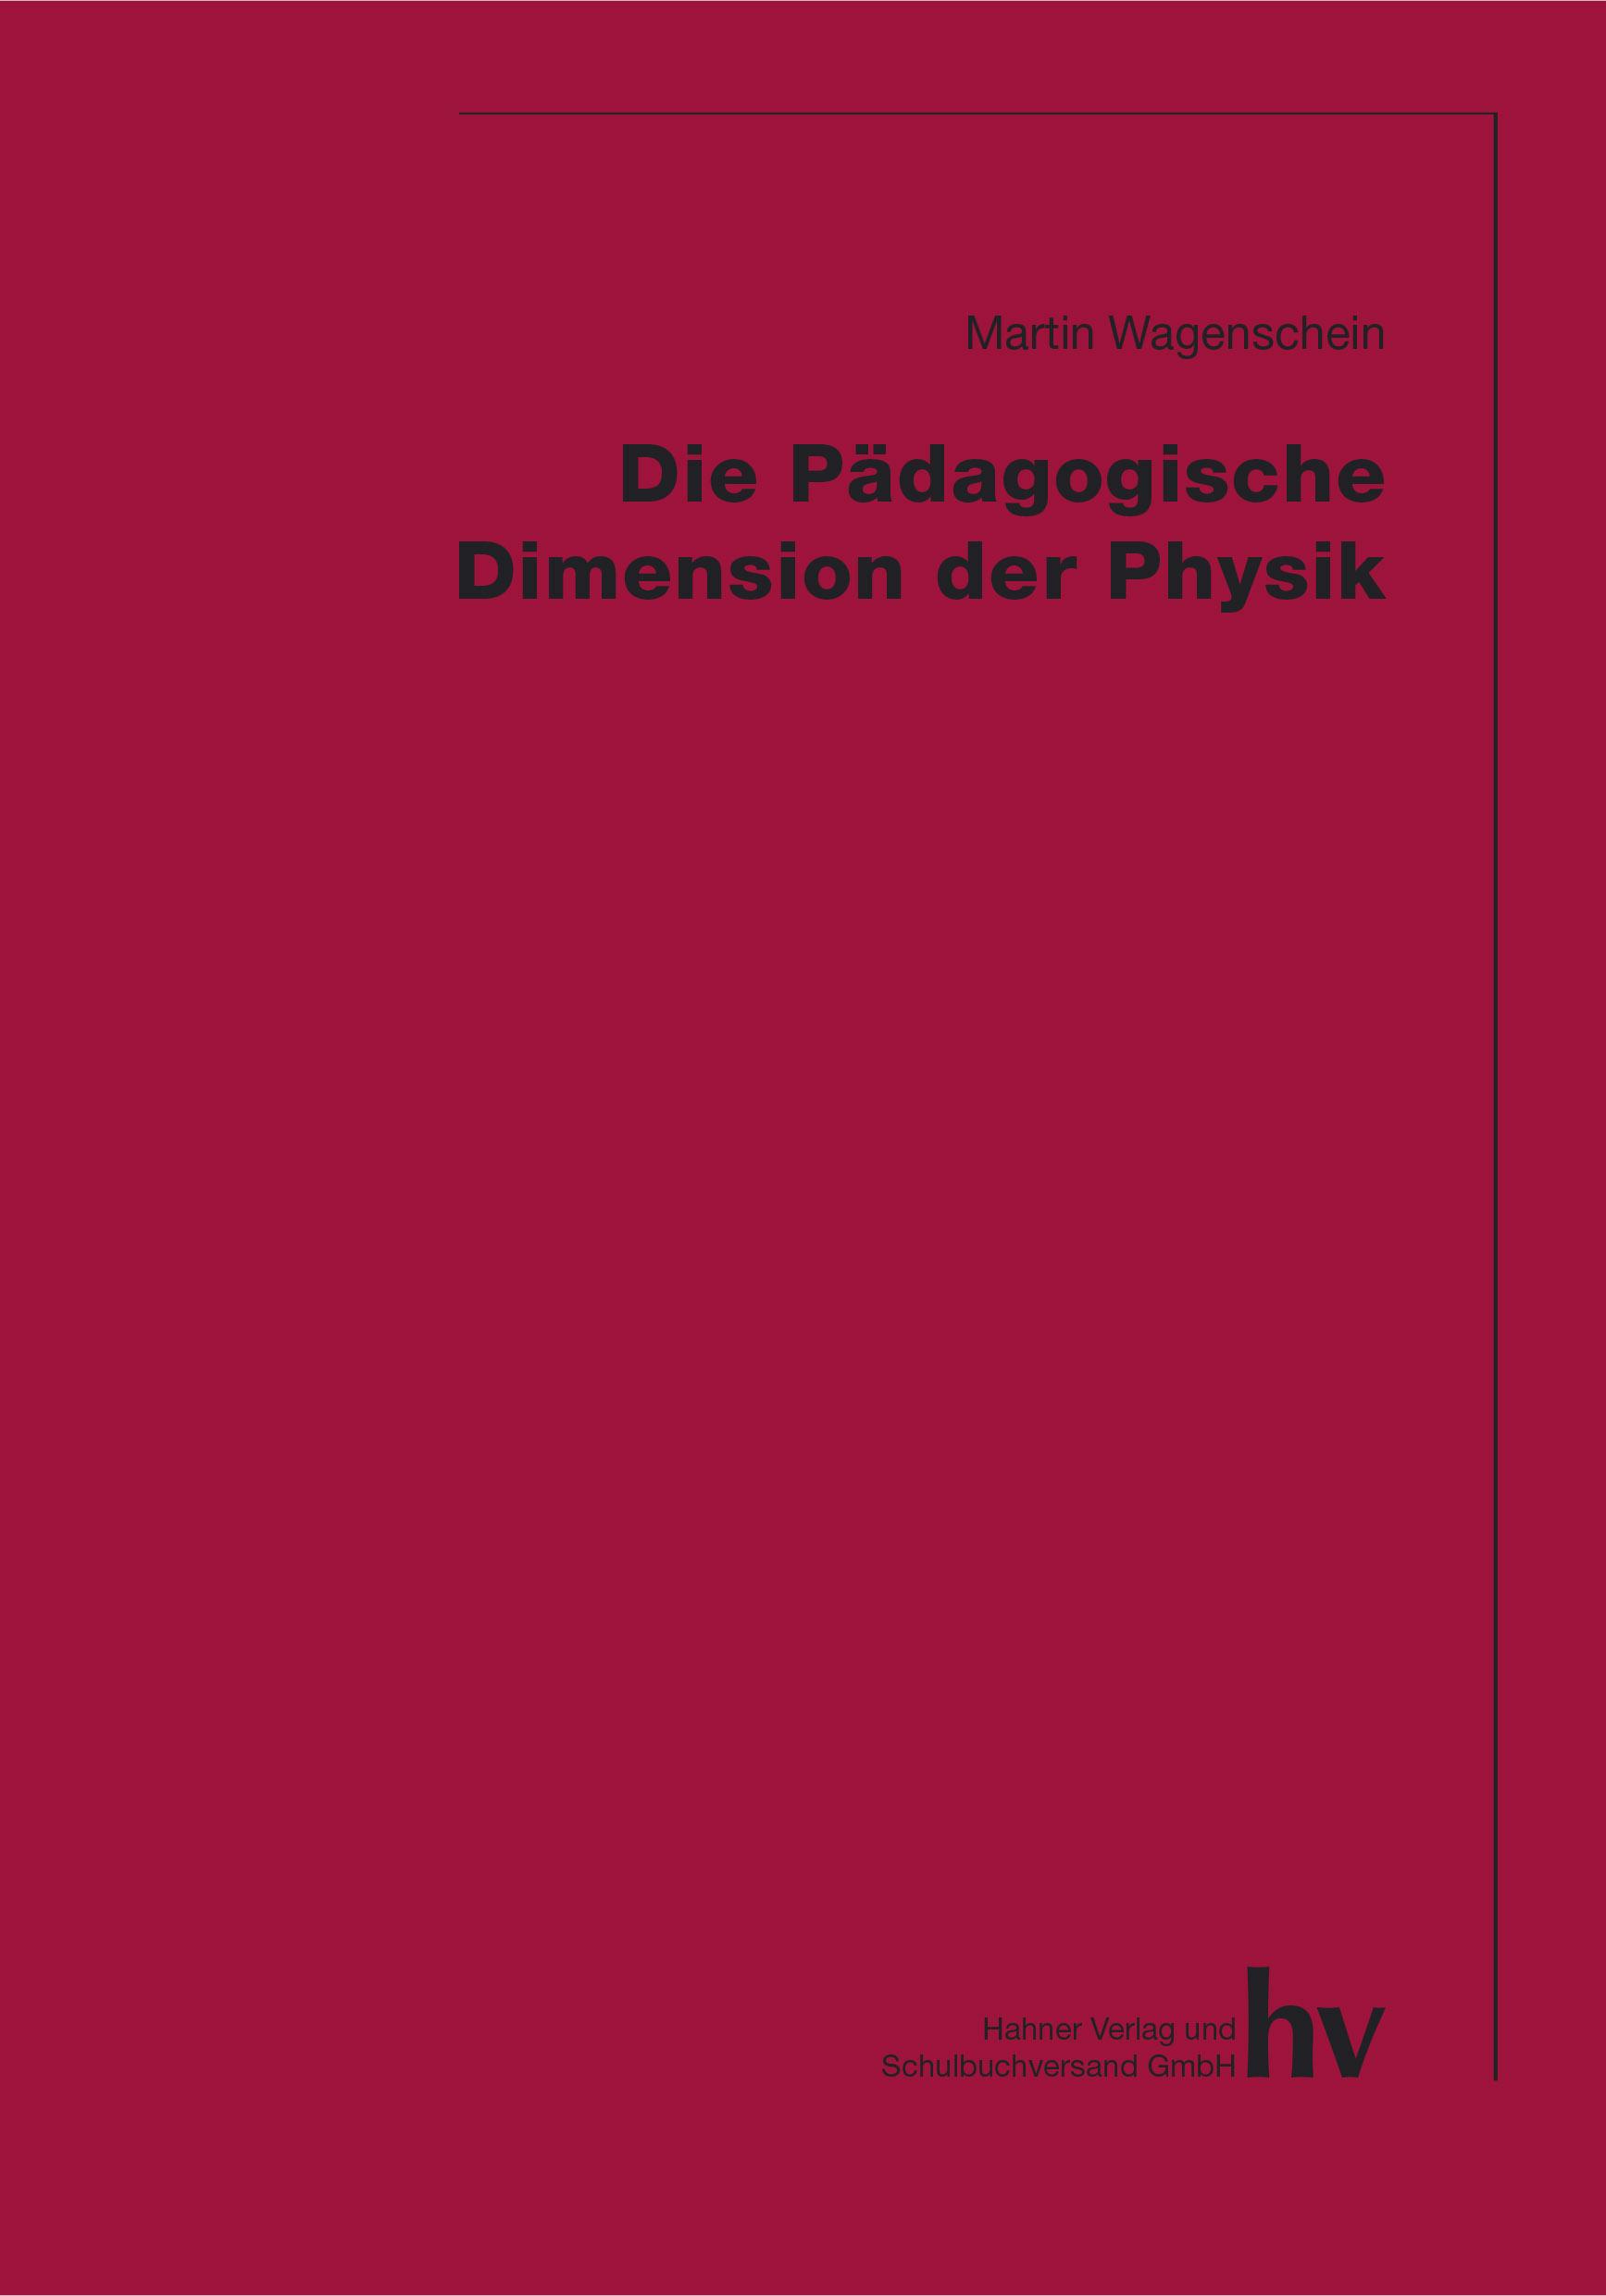 Die Pädagogische Dimension der Physik - Martin ...